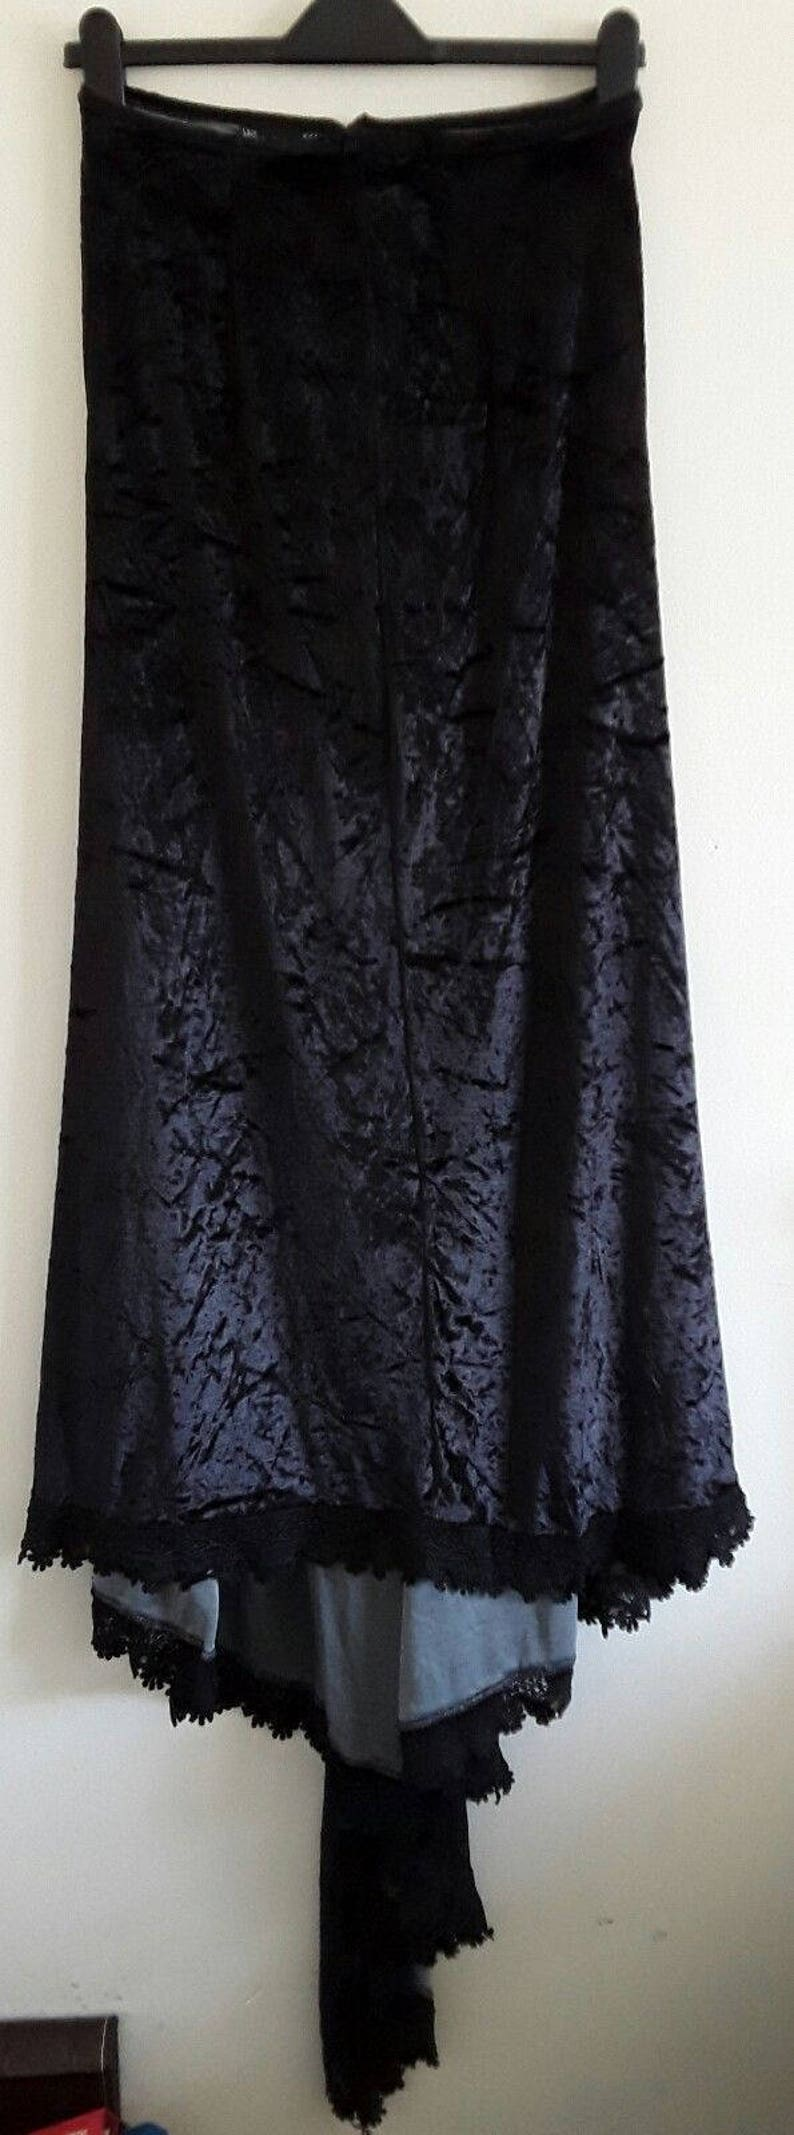 GOTH long black velvet lace trimmed skirt by bares small meduim train